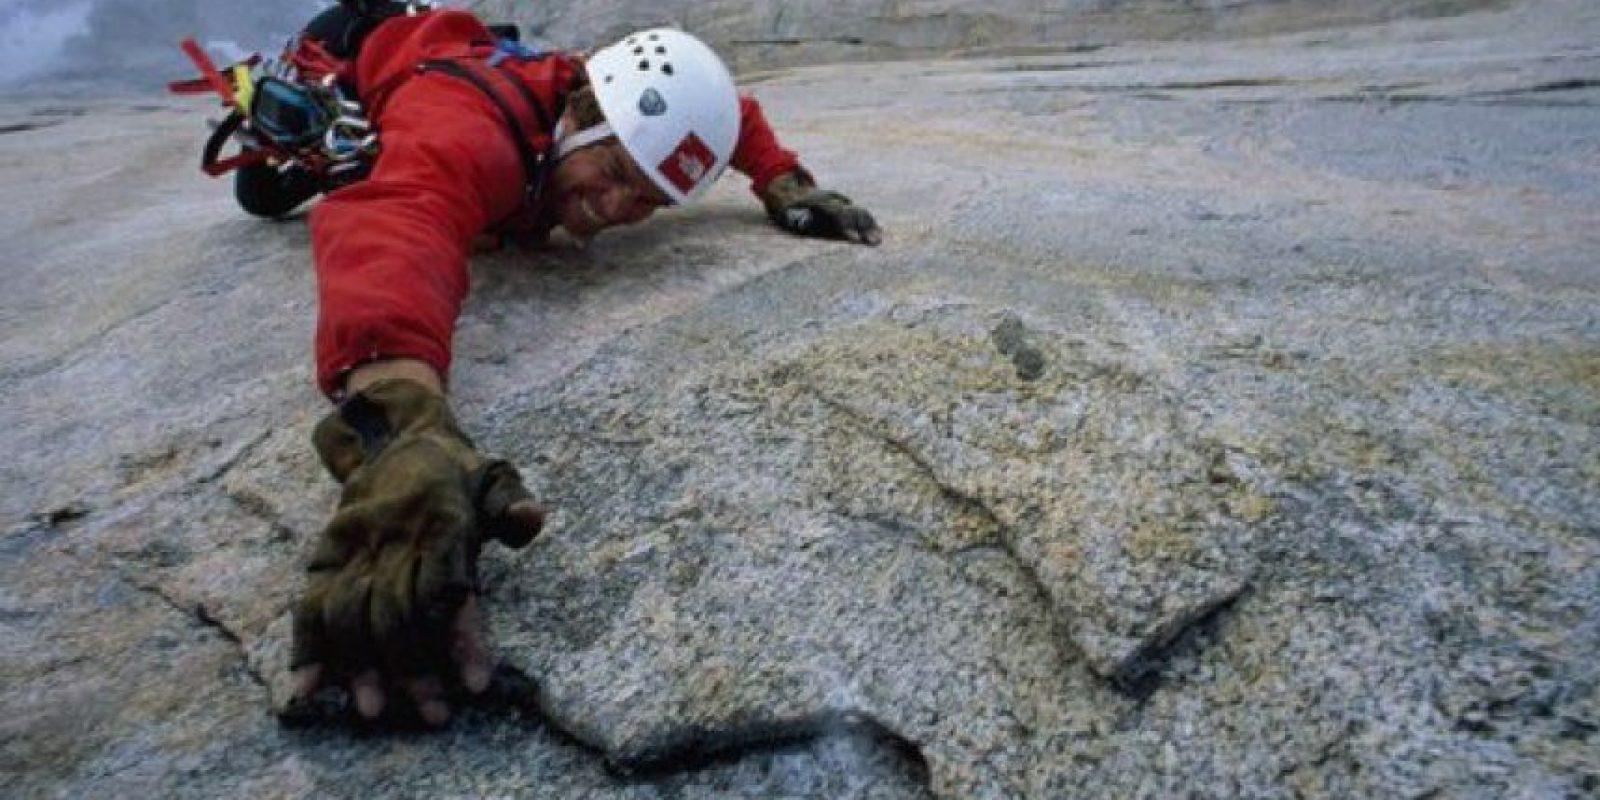 Alex Lowe y David Bridges murieron en octubre de 1999, en el monte Shishapangma, en el Tibet. Foto:Alexlowe.org